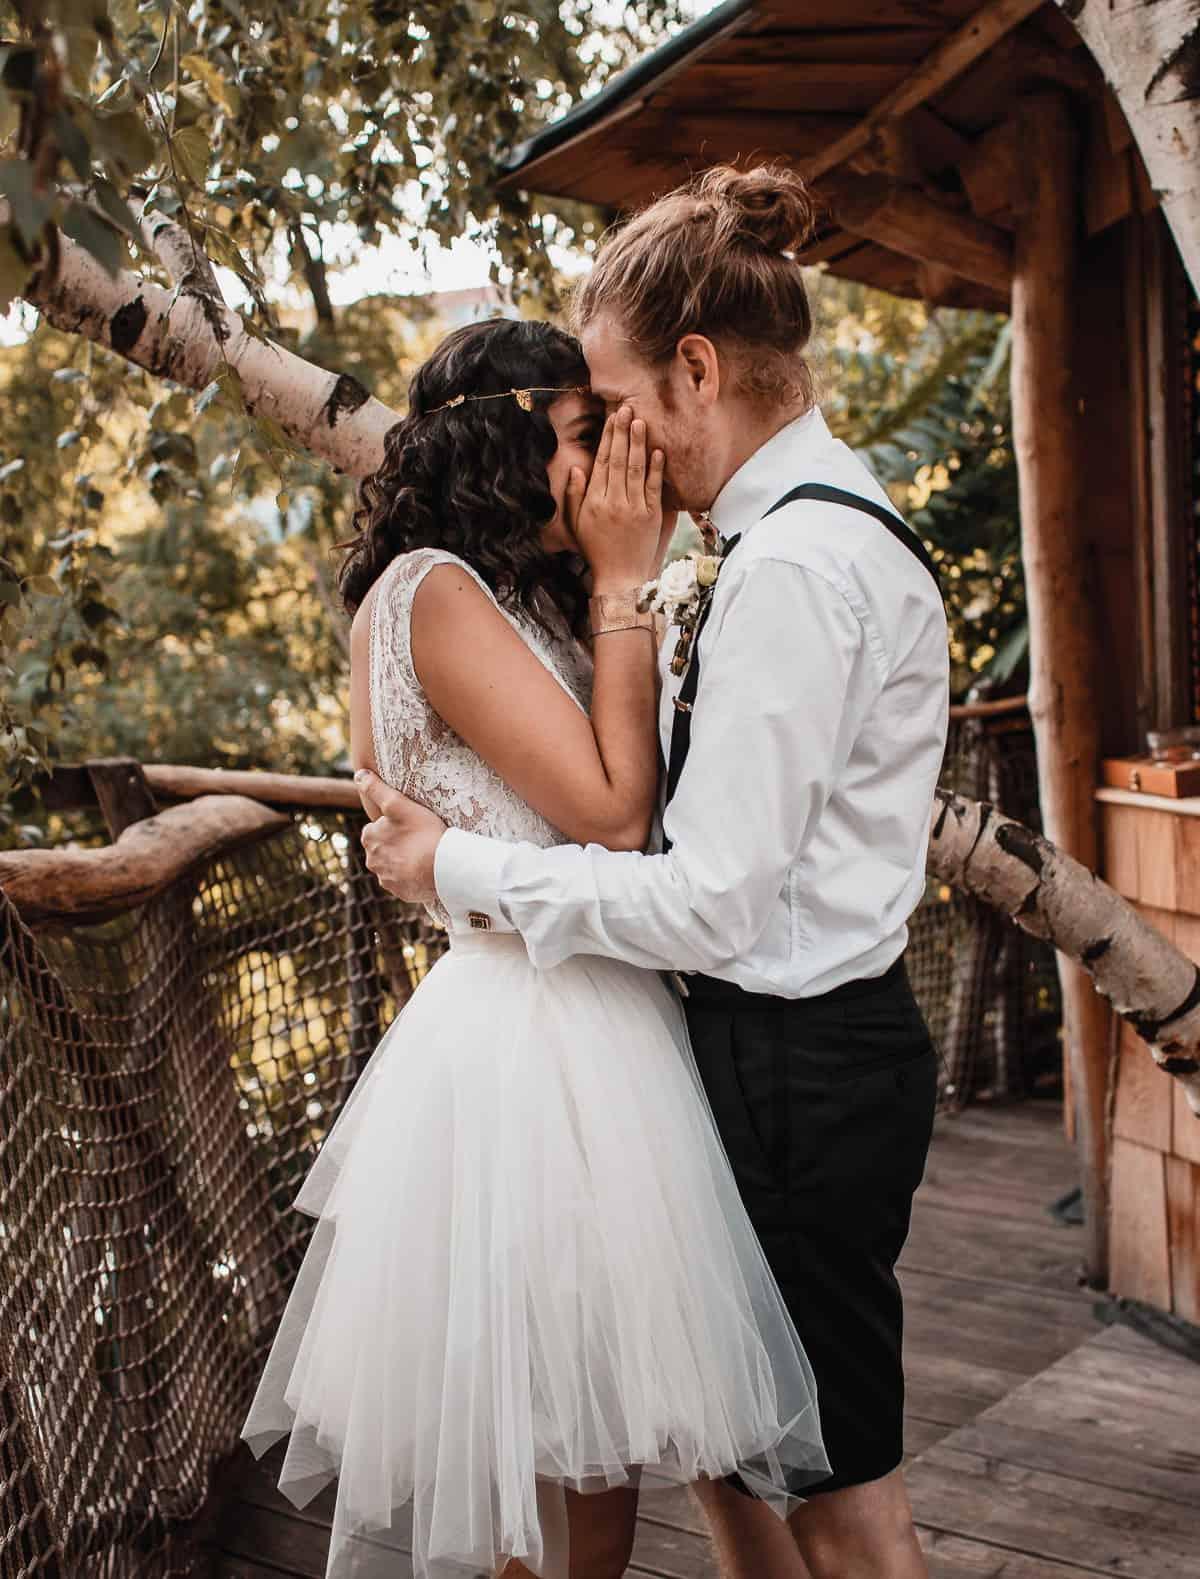 Hochzeitszeremonie in einem Baumhaus. Hochzeitsfotograf Berlin Vasil Bituni-2